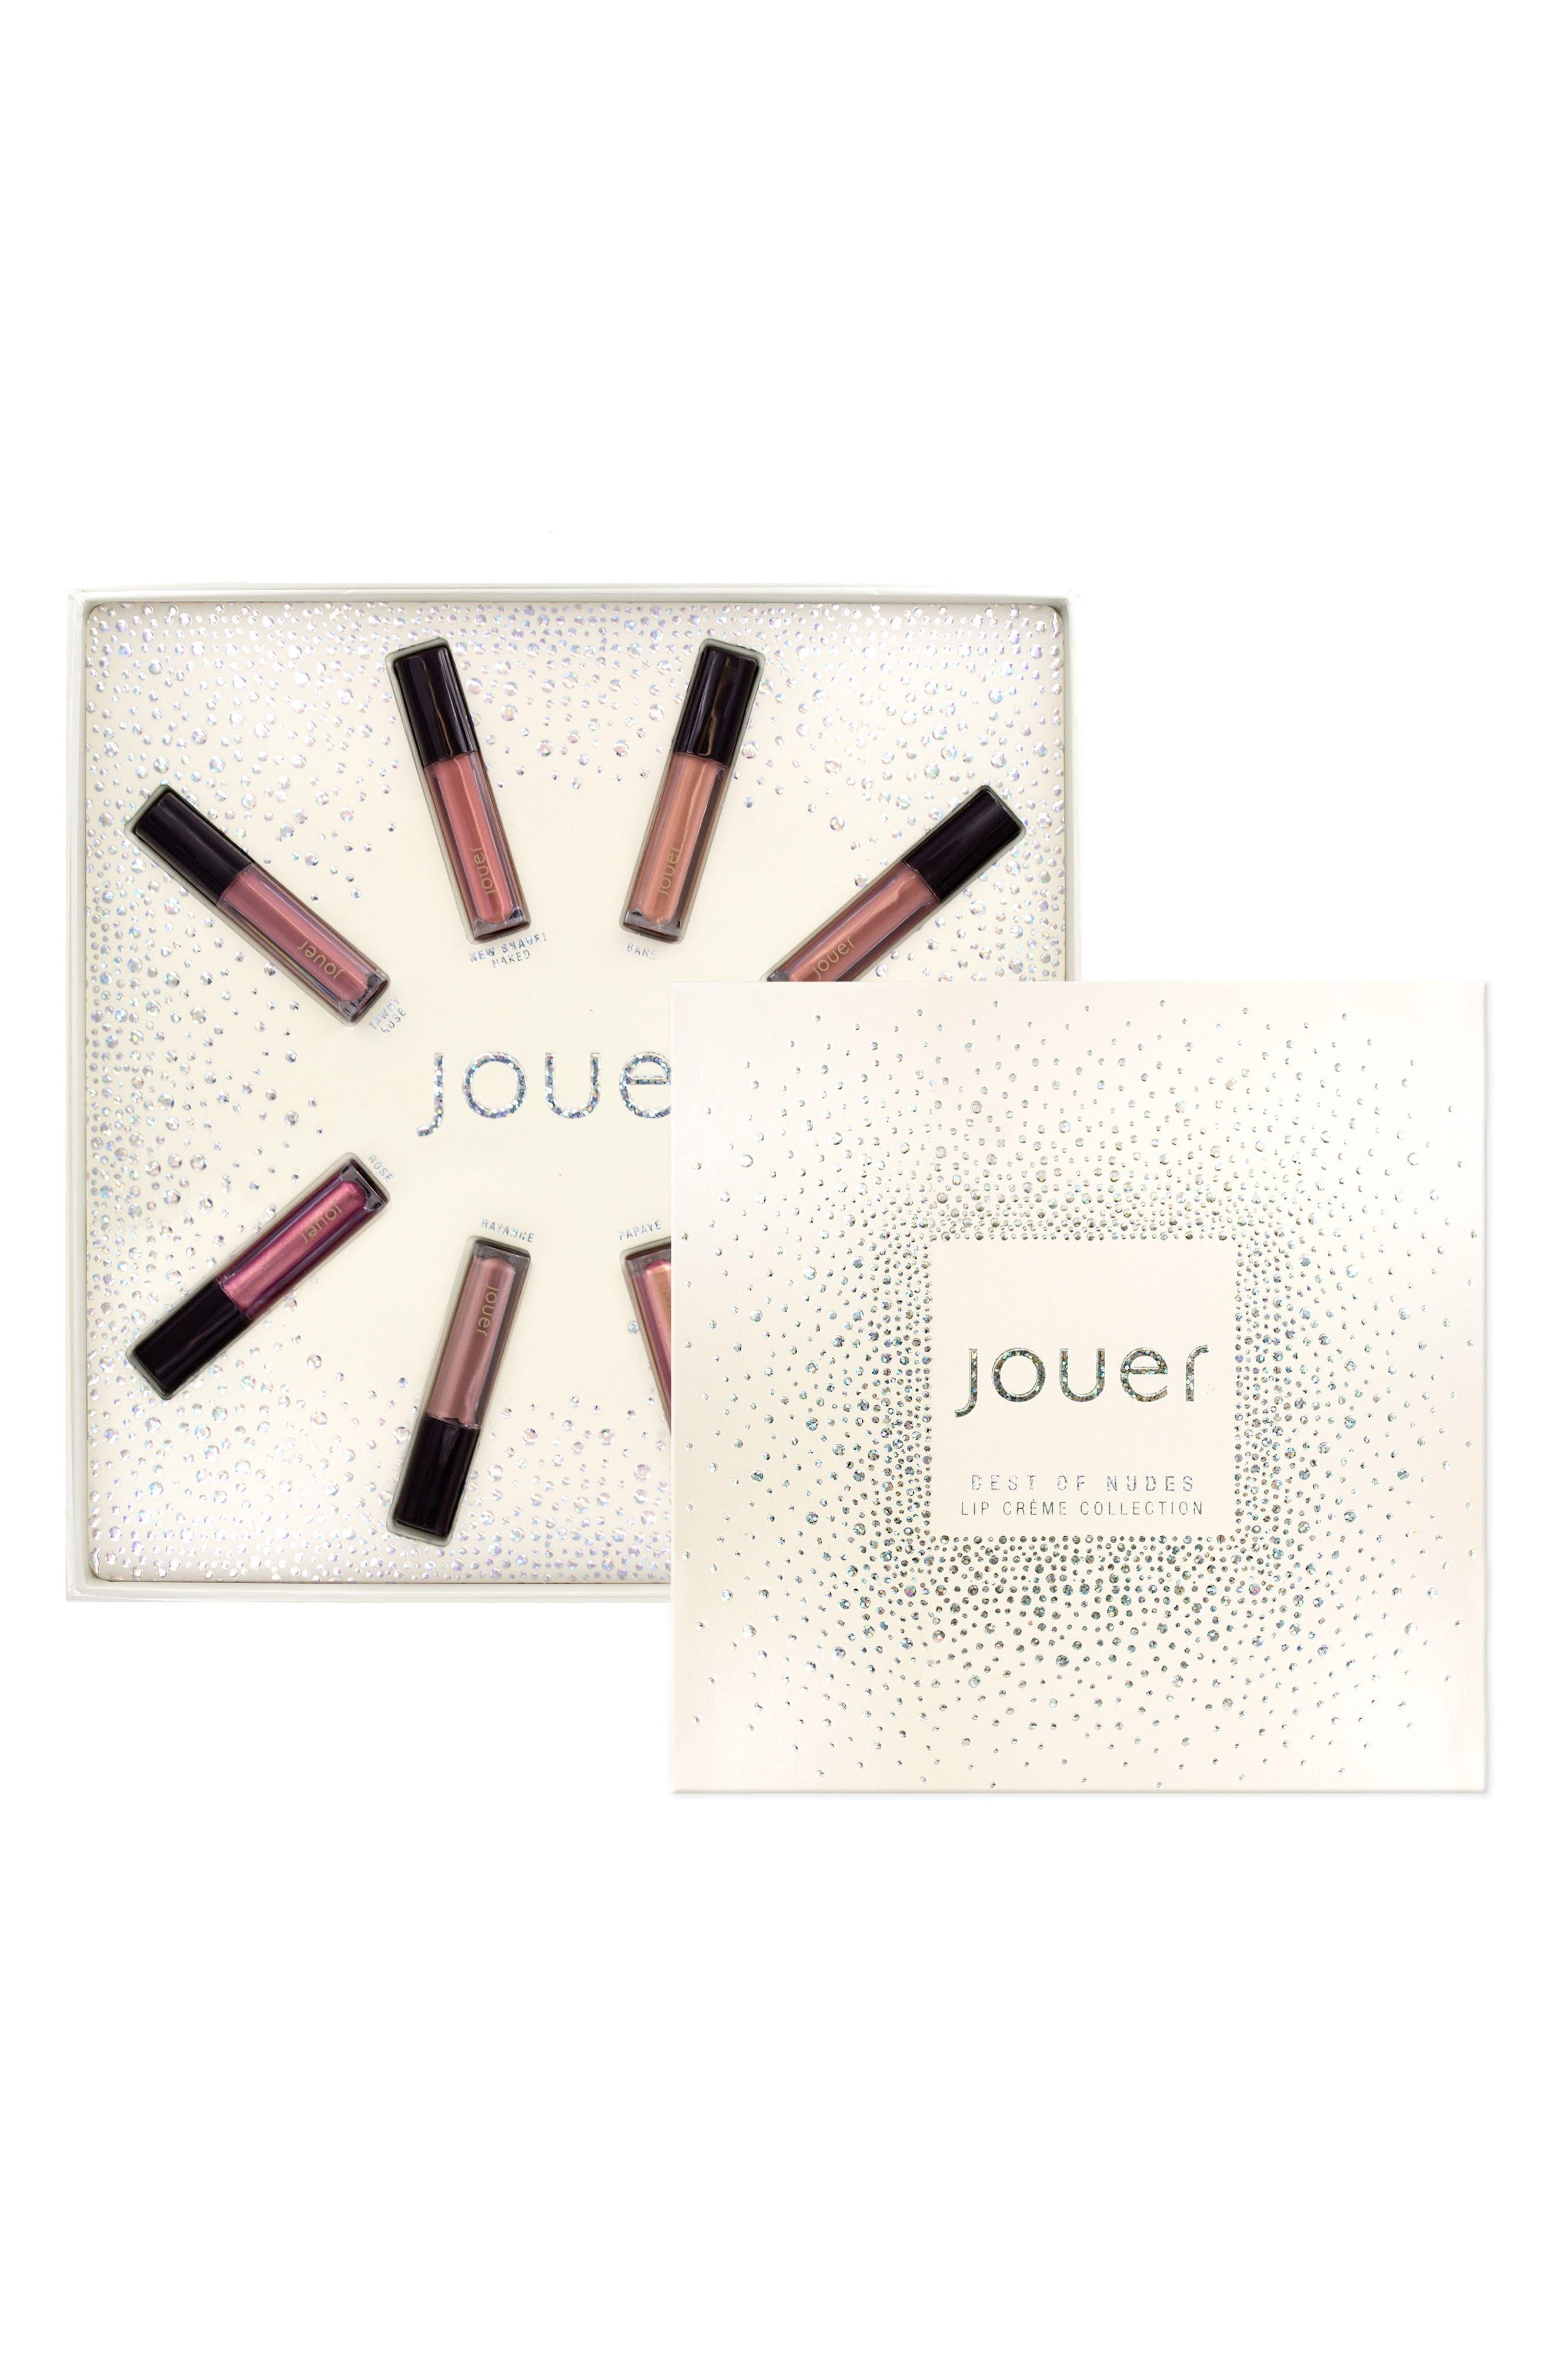 Best of Nudes Mini Long-Wear Lip Crème Liquid Lipstick Collection,                             Main thumbnail 1, color,                             No Color